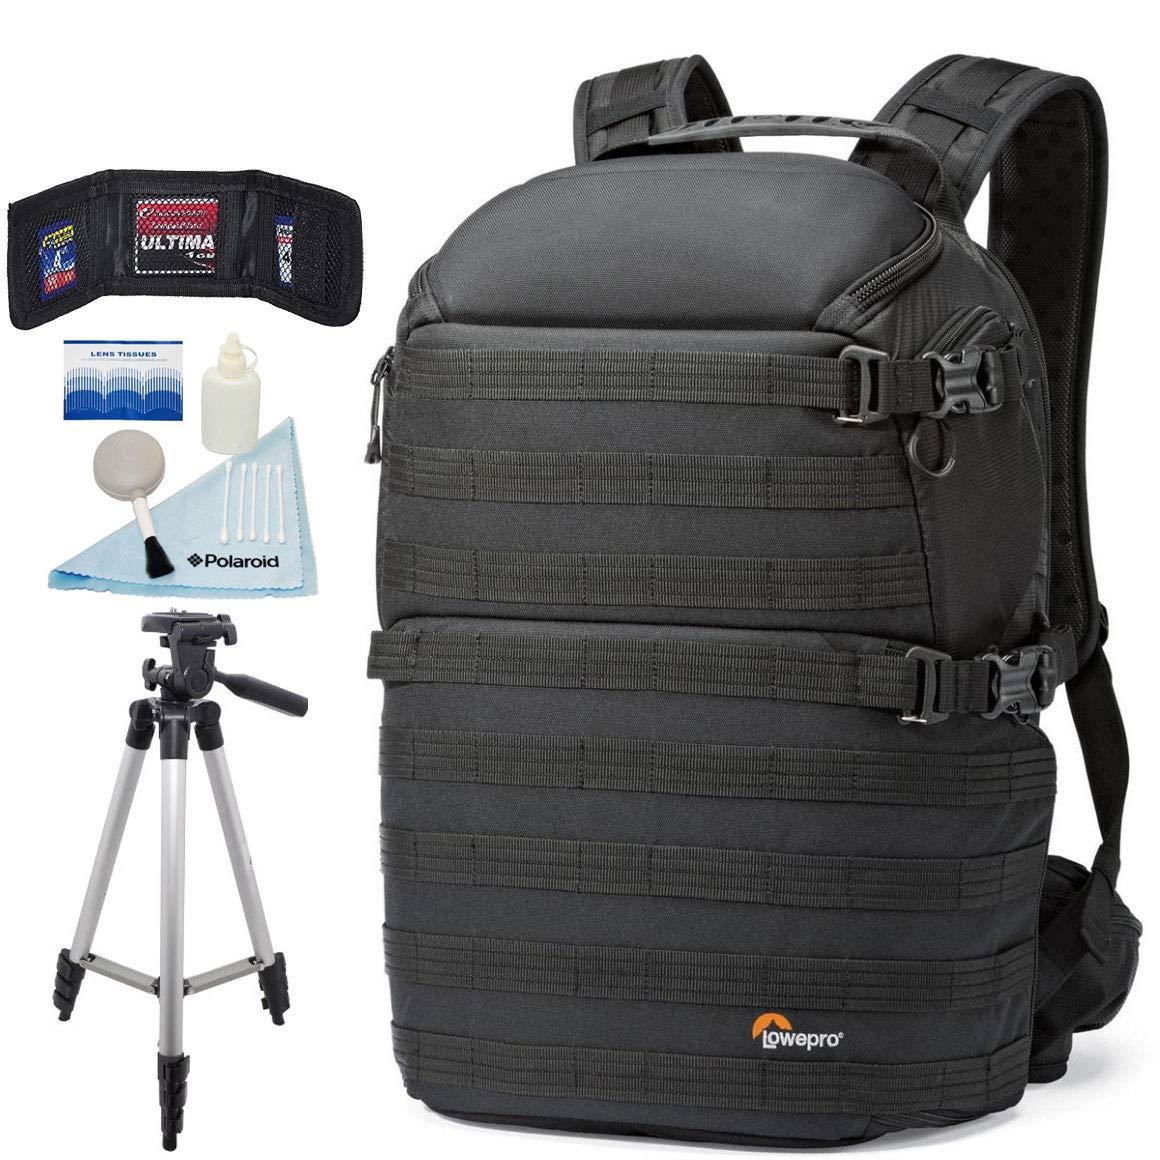 Lowepro ProTactic 450 AWフォトバックパック - カメラギア、ドローン、ノートパソコン、タブレット、その他の備品を無料三脚で保護するプロフェッショナルな保護   B07K8S3KM4